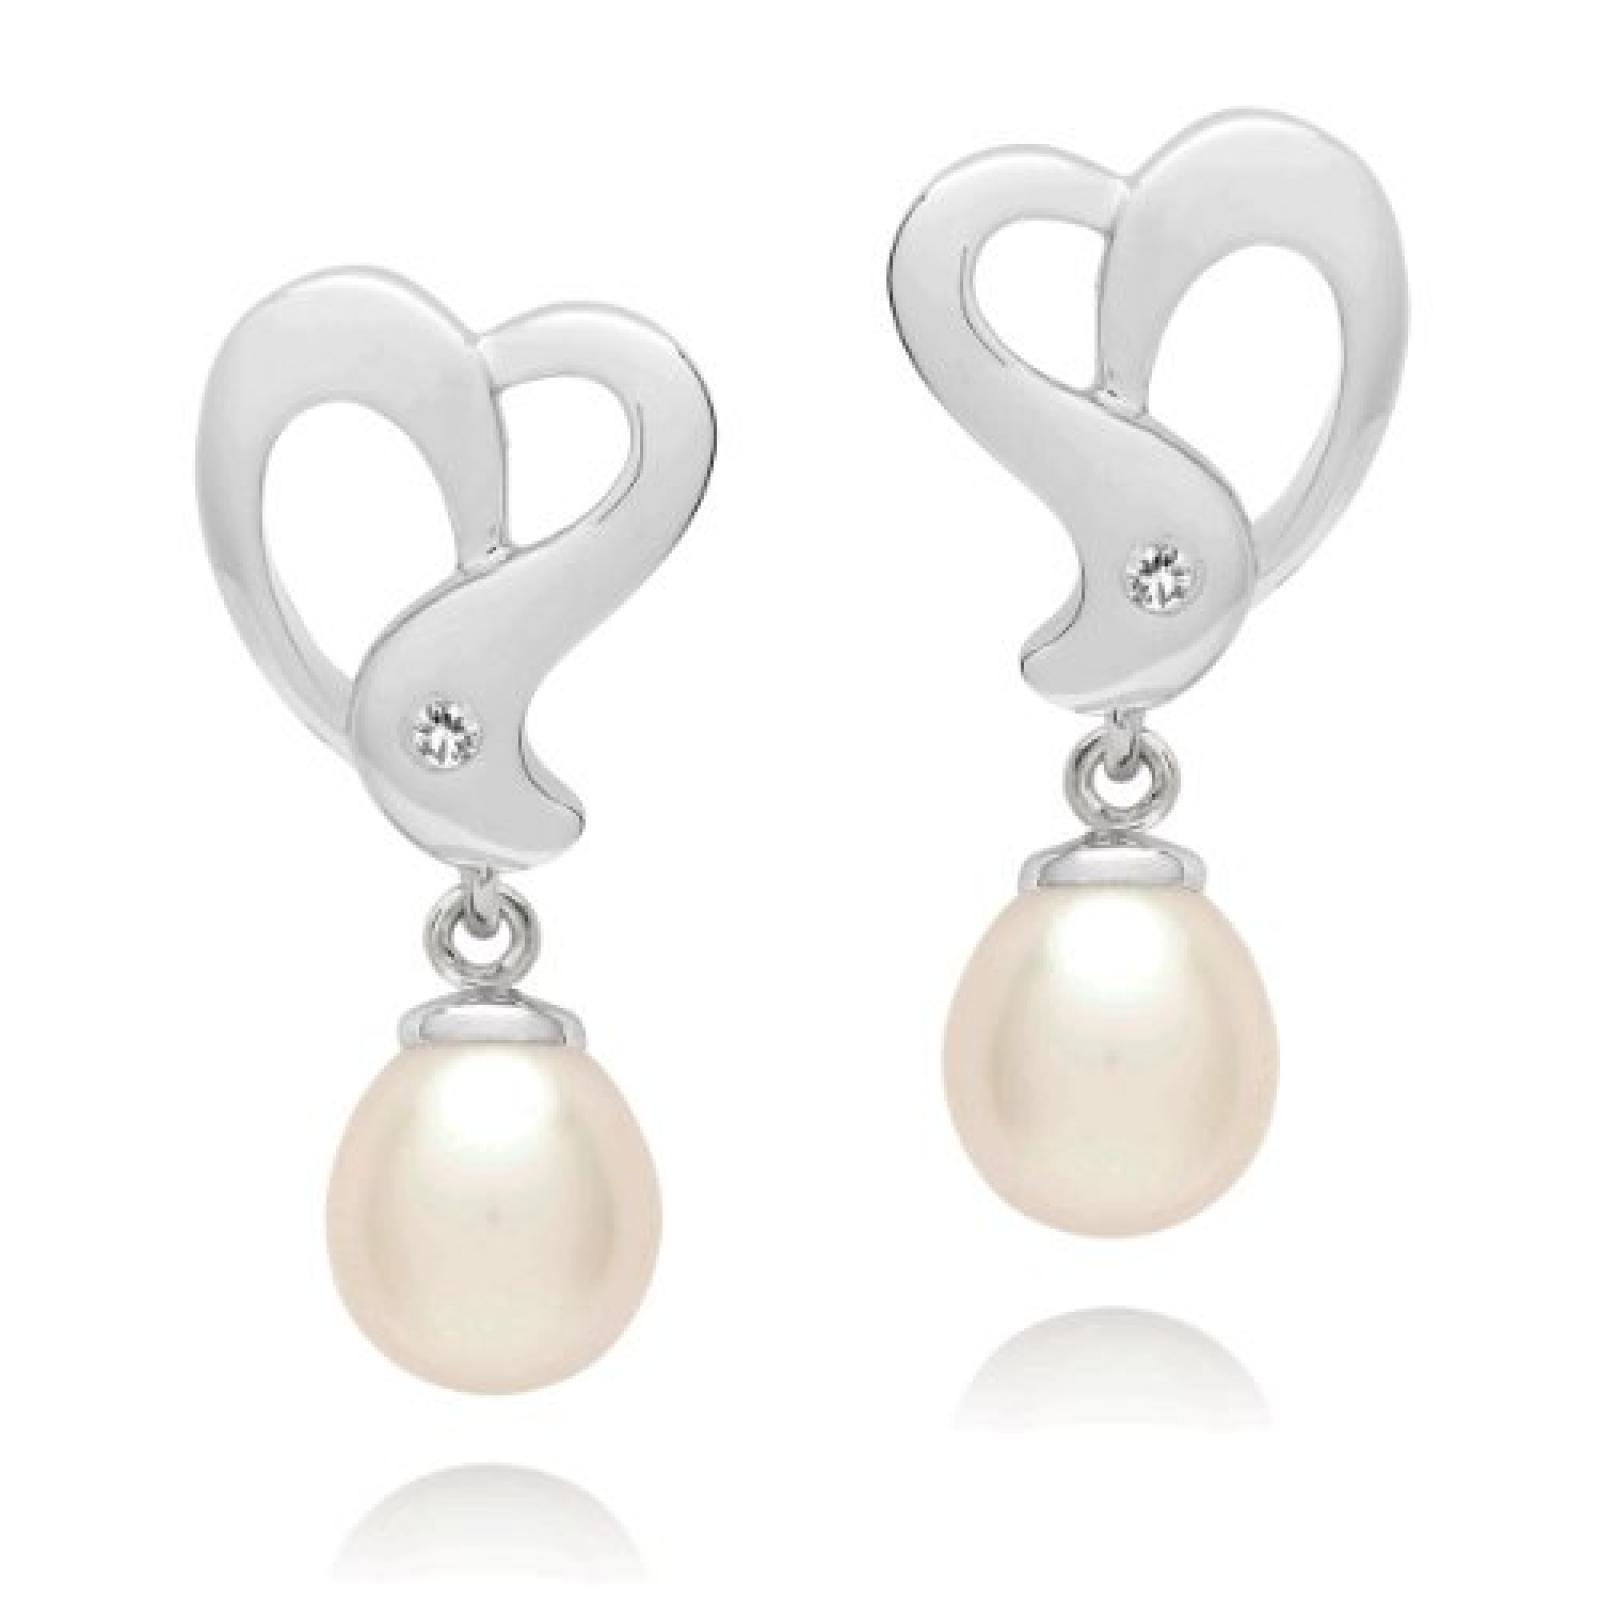 Valero Pearls Diamond Collection Damen-Ohrstecker Hochwertige Süßwasser-Zuchtperlen in ca.  6 mm Tropfenform weiß 925 Sterling Silber   Diamant    60020011